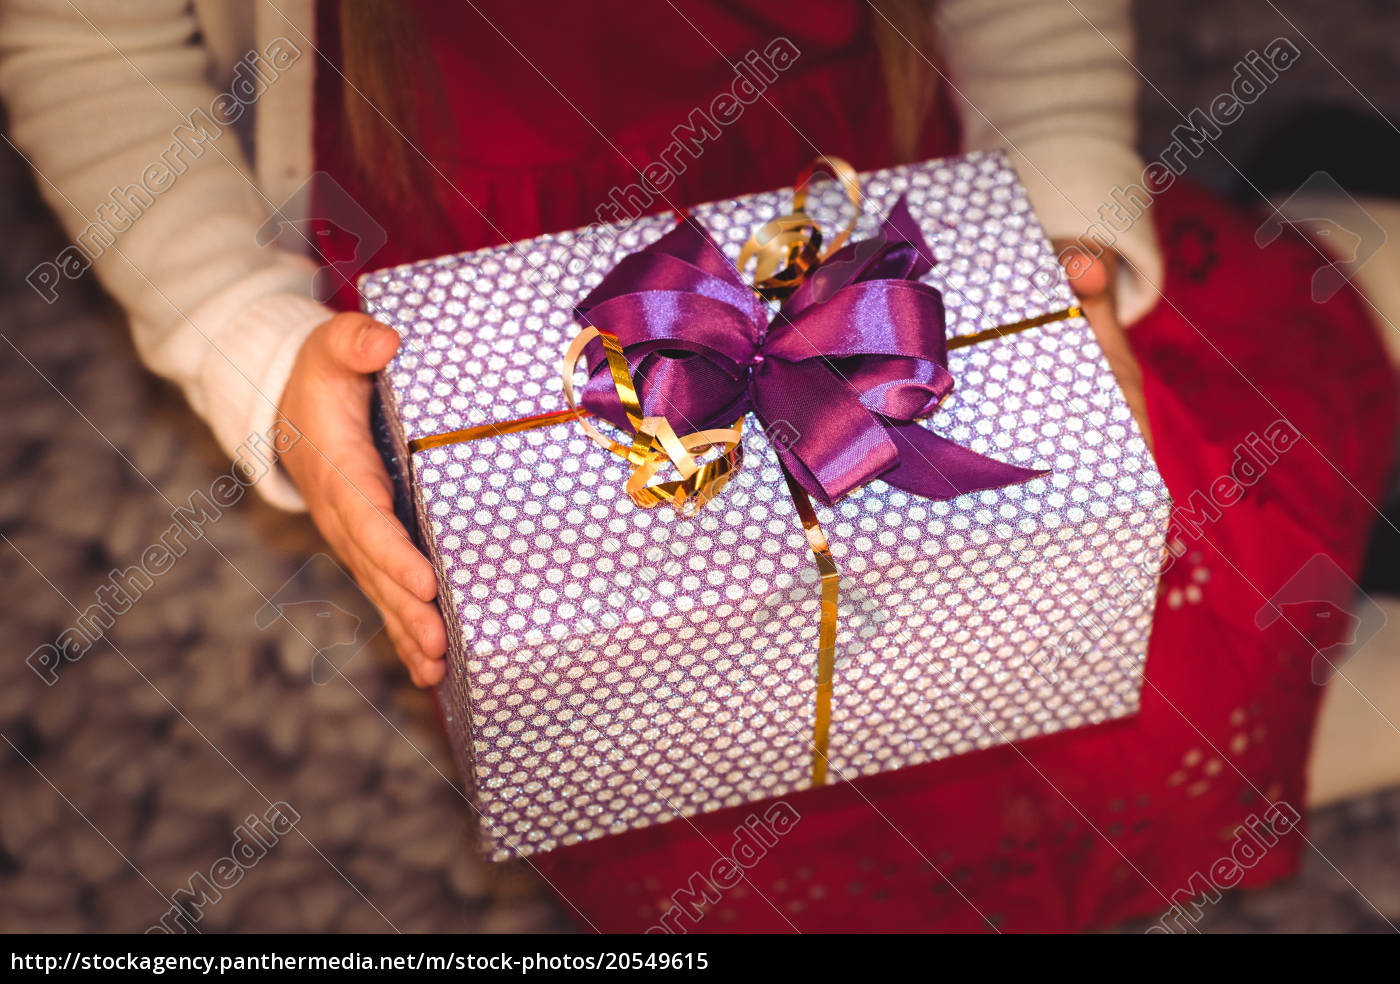 Как в домашних условиях красиво упаковать подарок